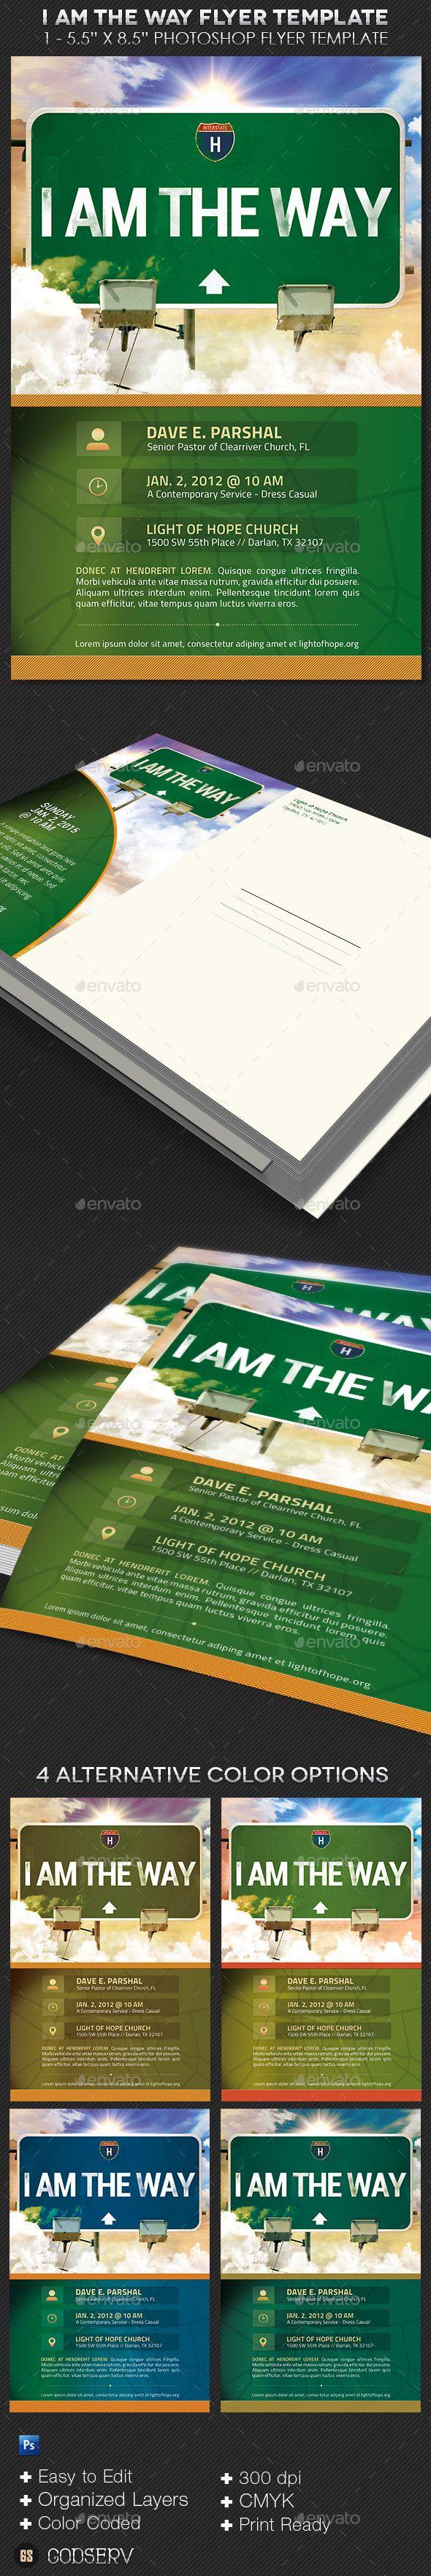 Way Church Flyer Postcard Template